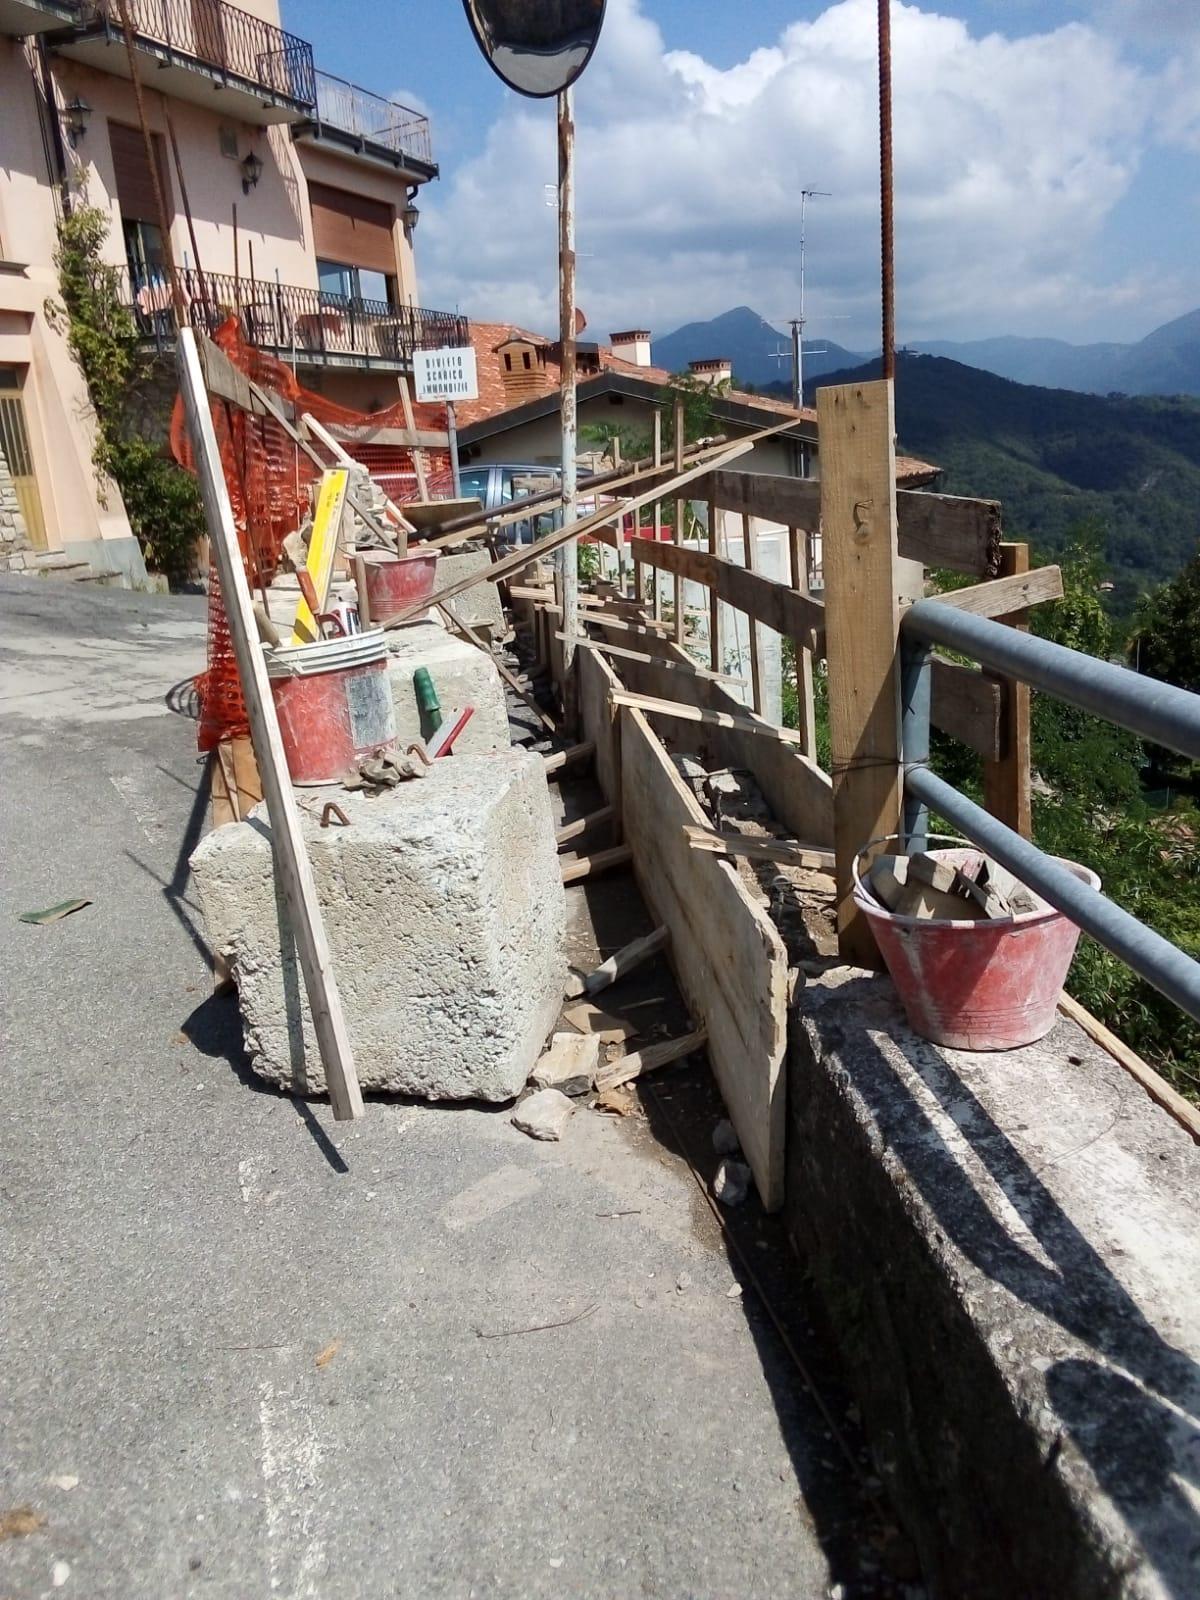 Ripristino arredo urbano post incidente Gandosso (Bergamo) - lavori